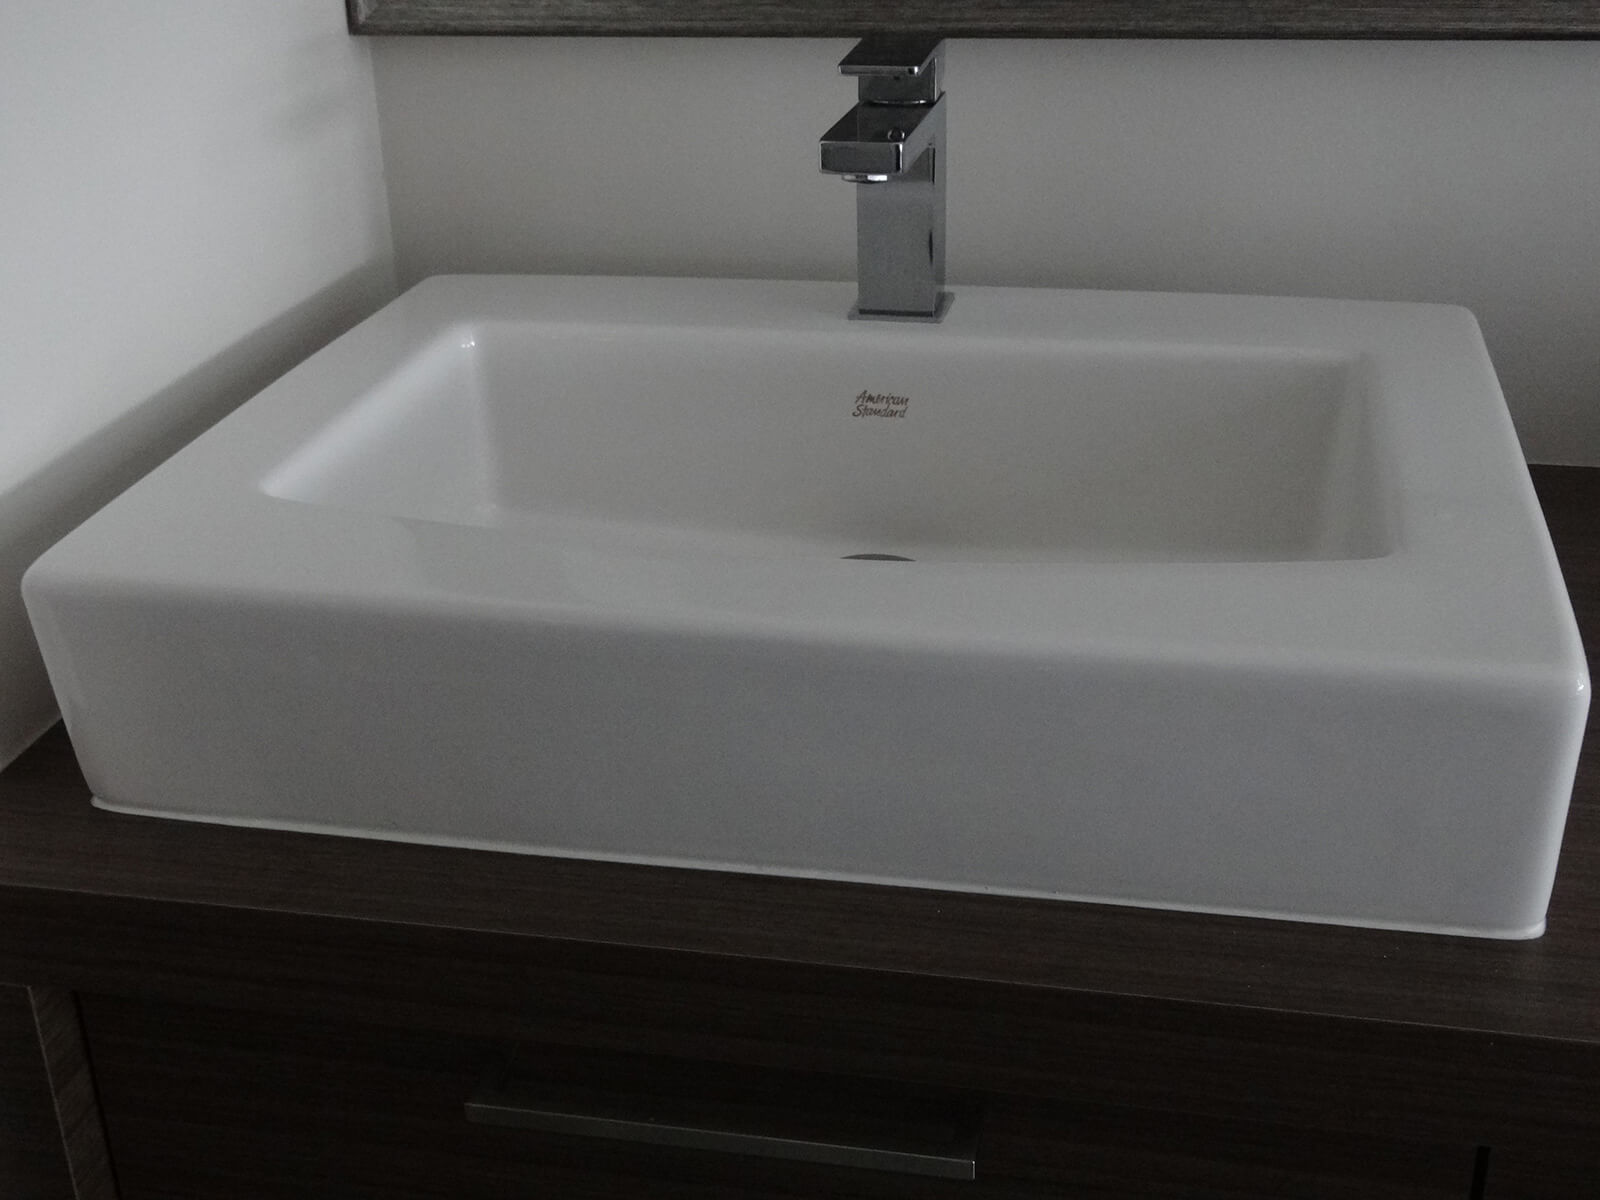 robinet sur lavabo